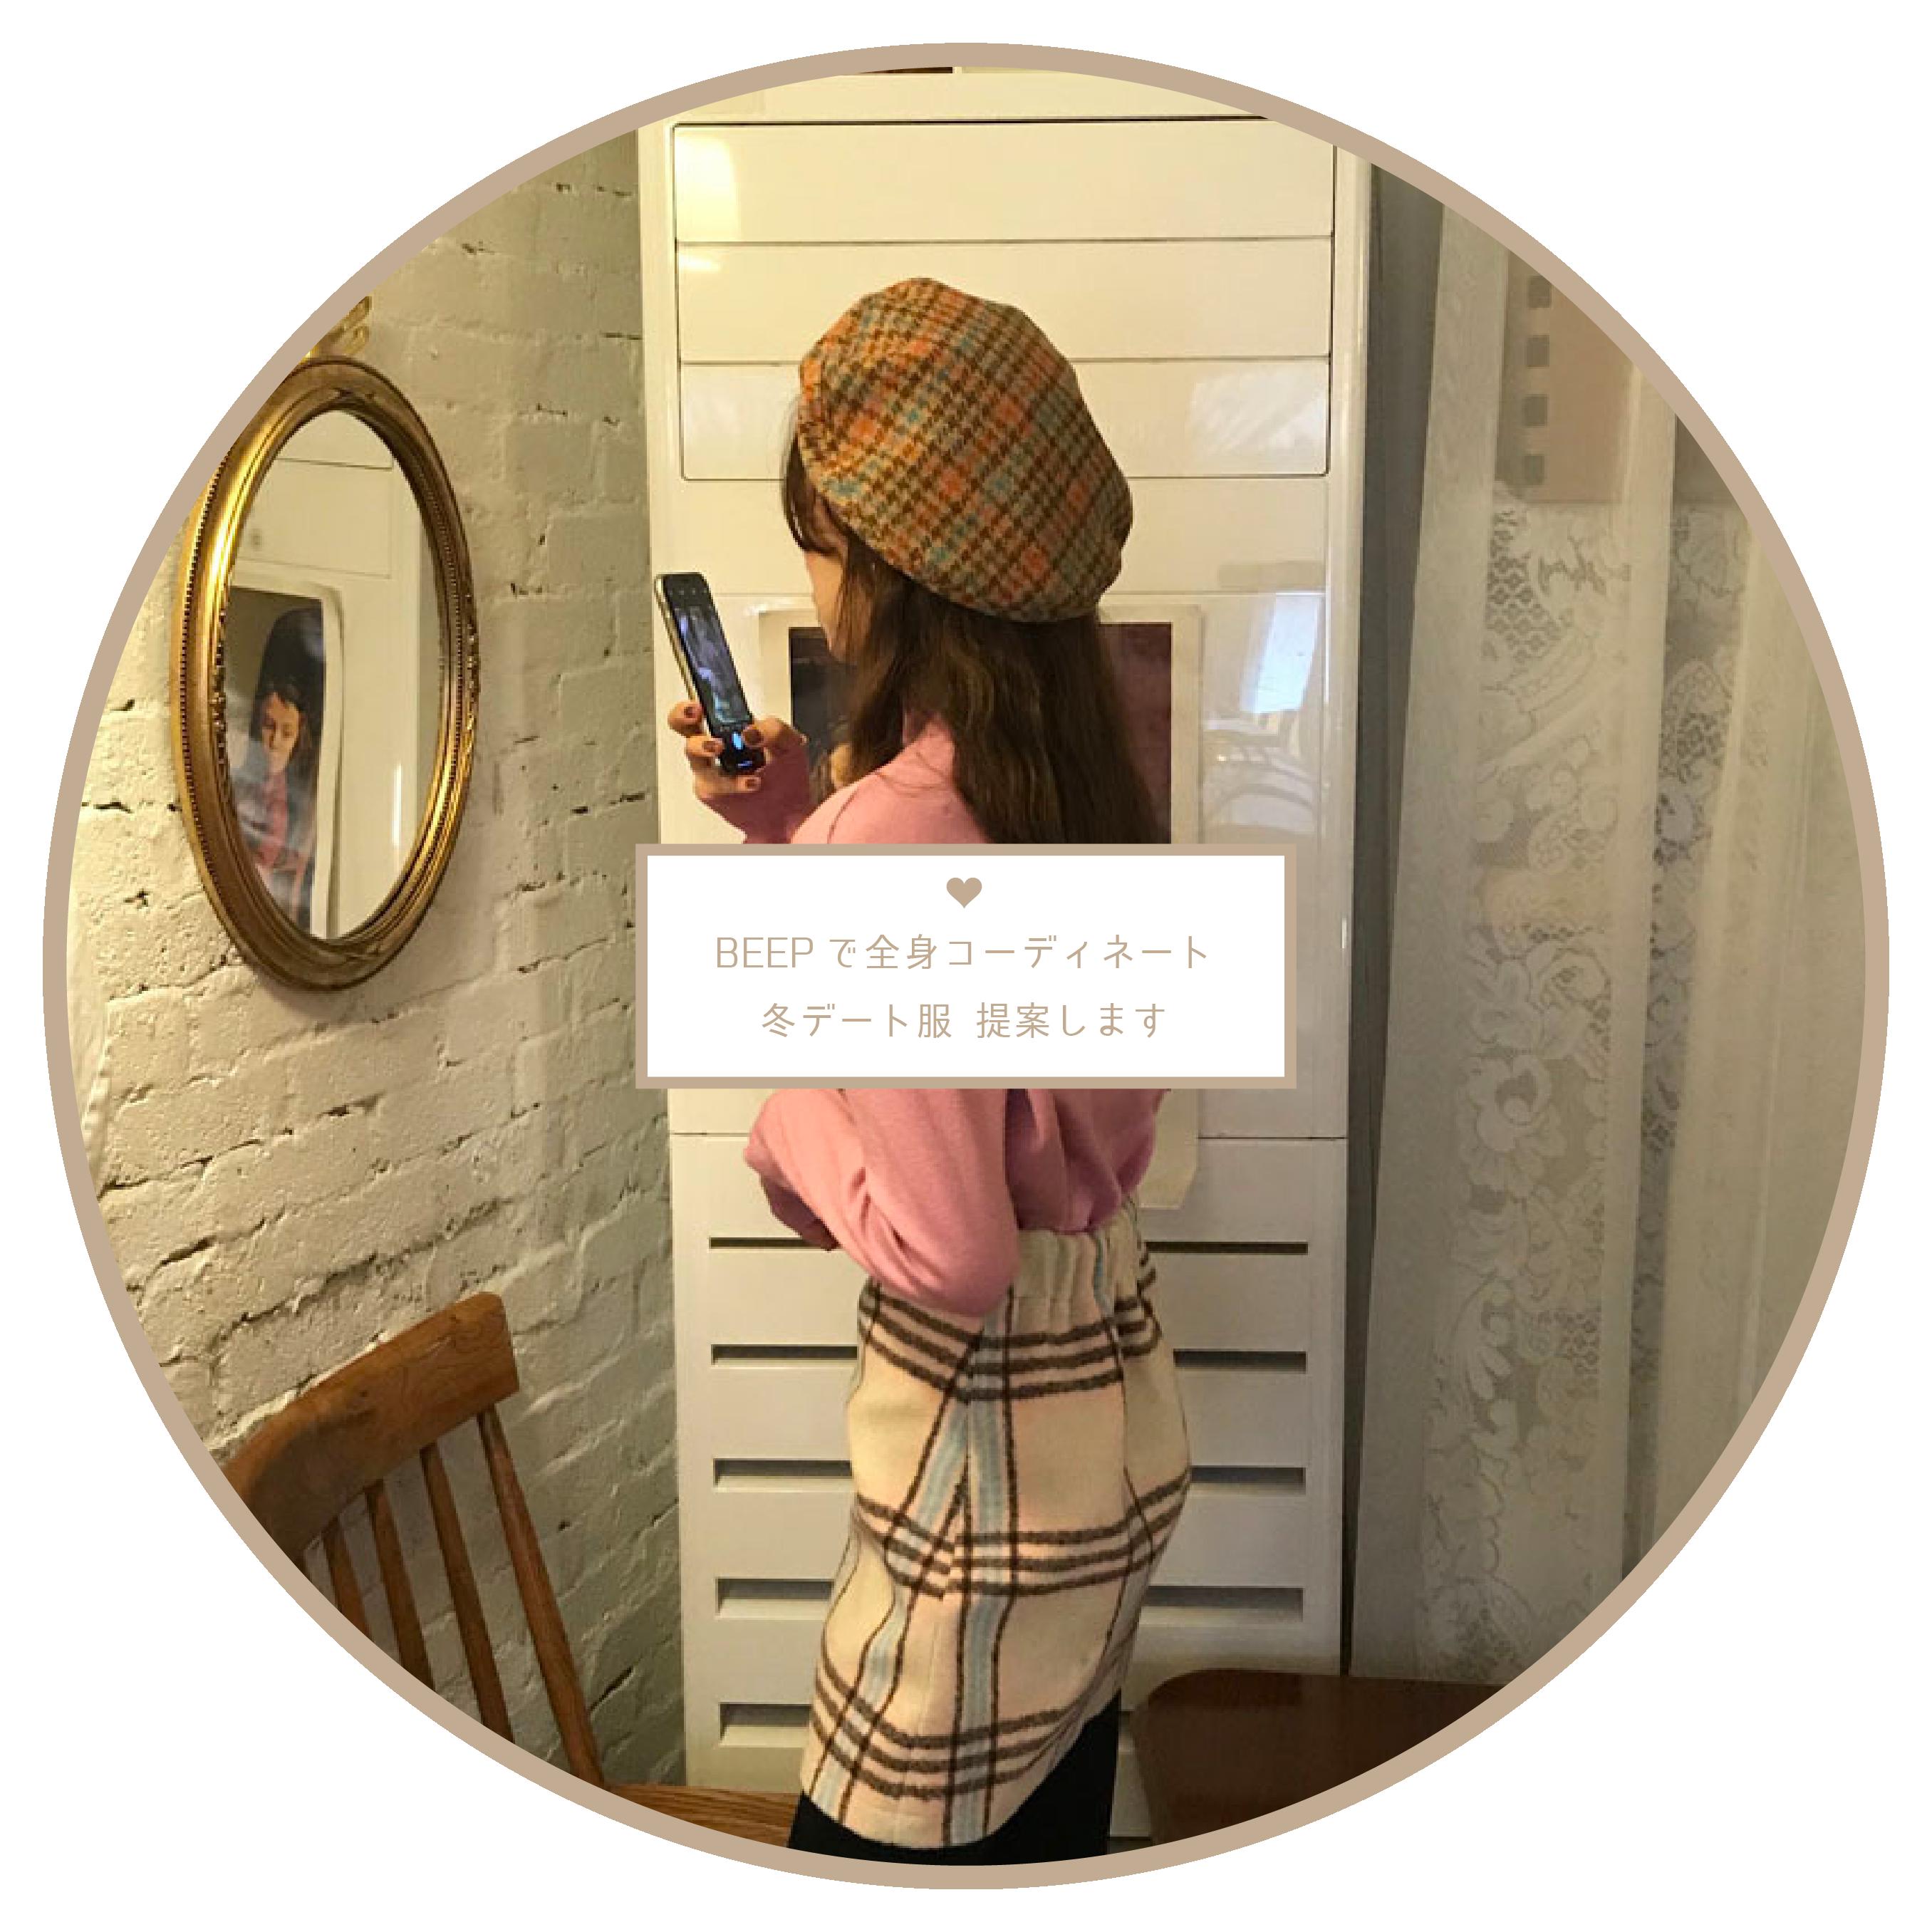 【BEEPで全身コーデ】冬デート服👫提案します!